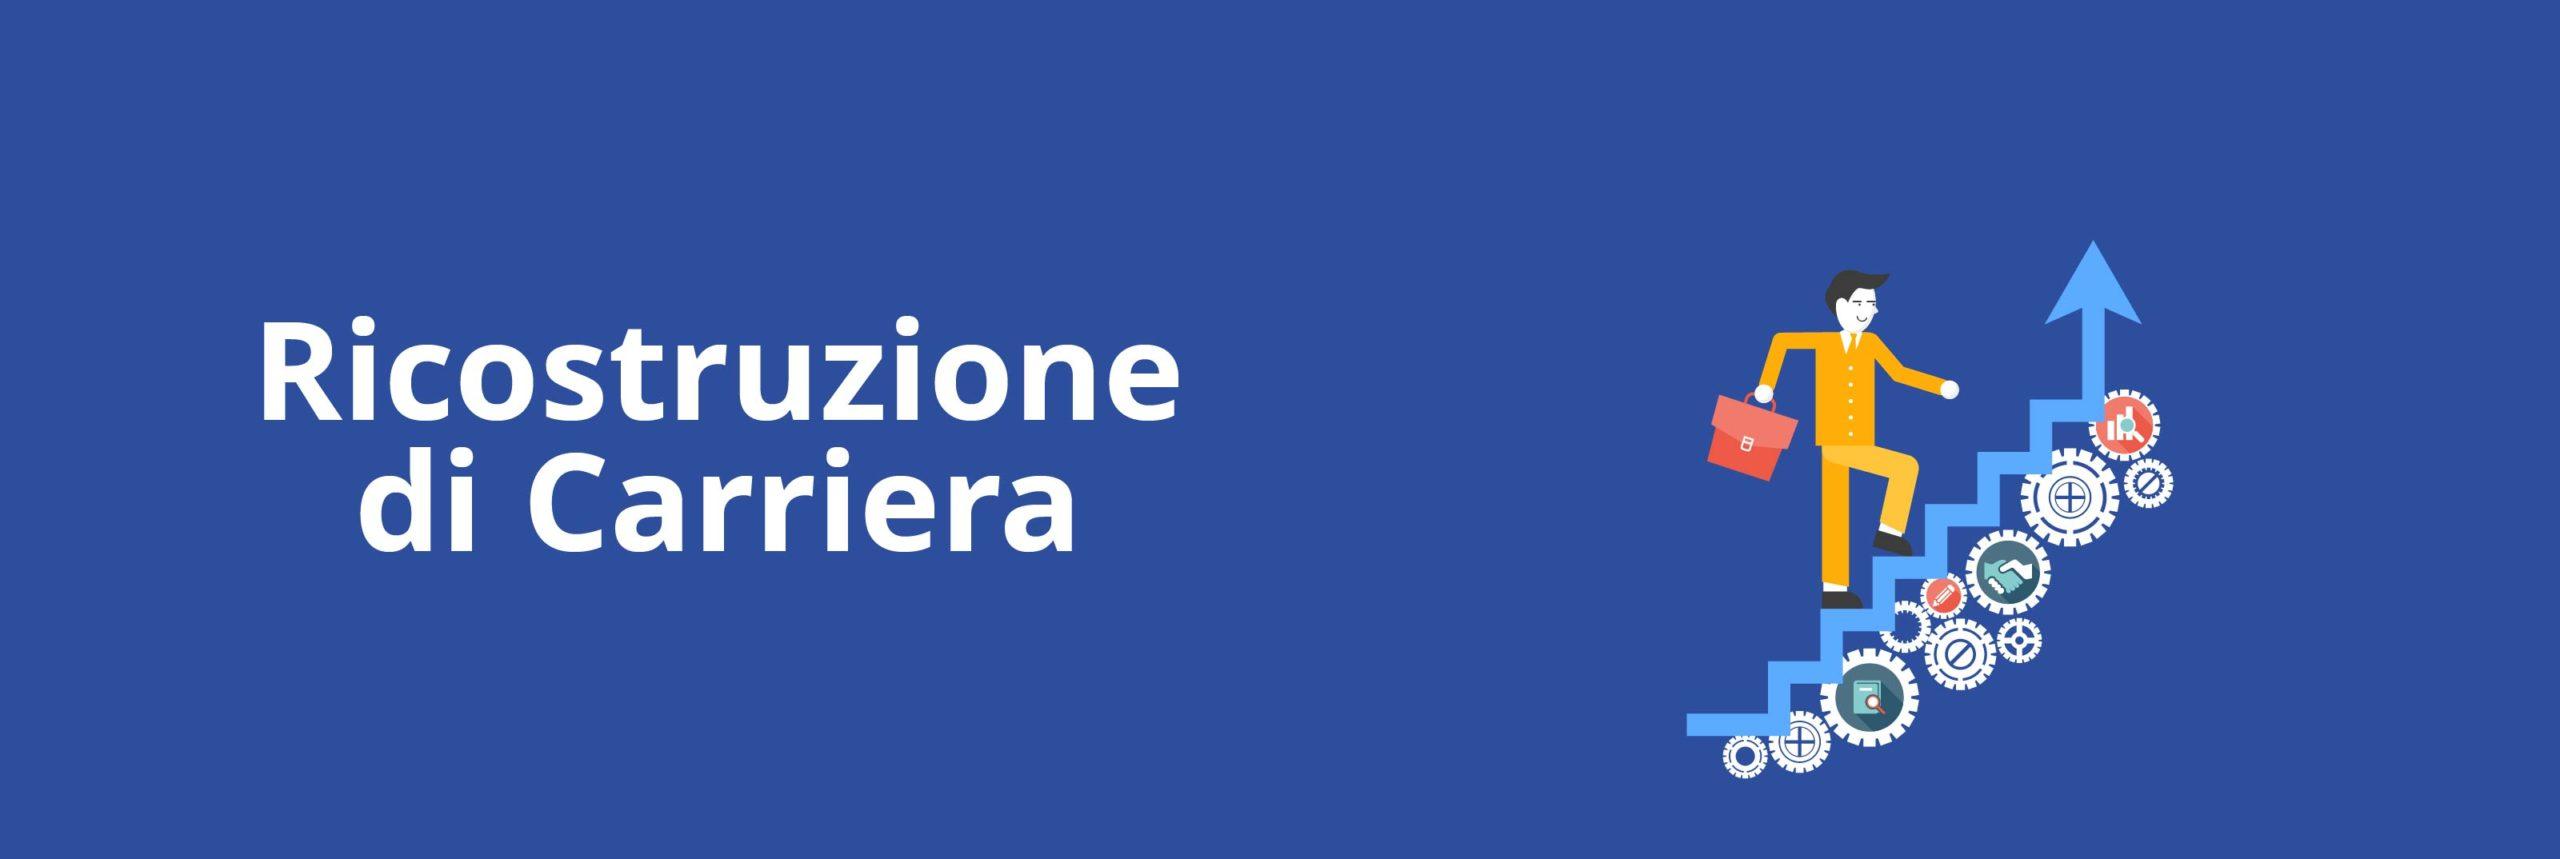 LABORATORIO SULLE RICOSTRUZIONI DI CARRIERA DEL PERSONALE DELLA SCUOLA: 2 e 9 DICEMBRE 2020